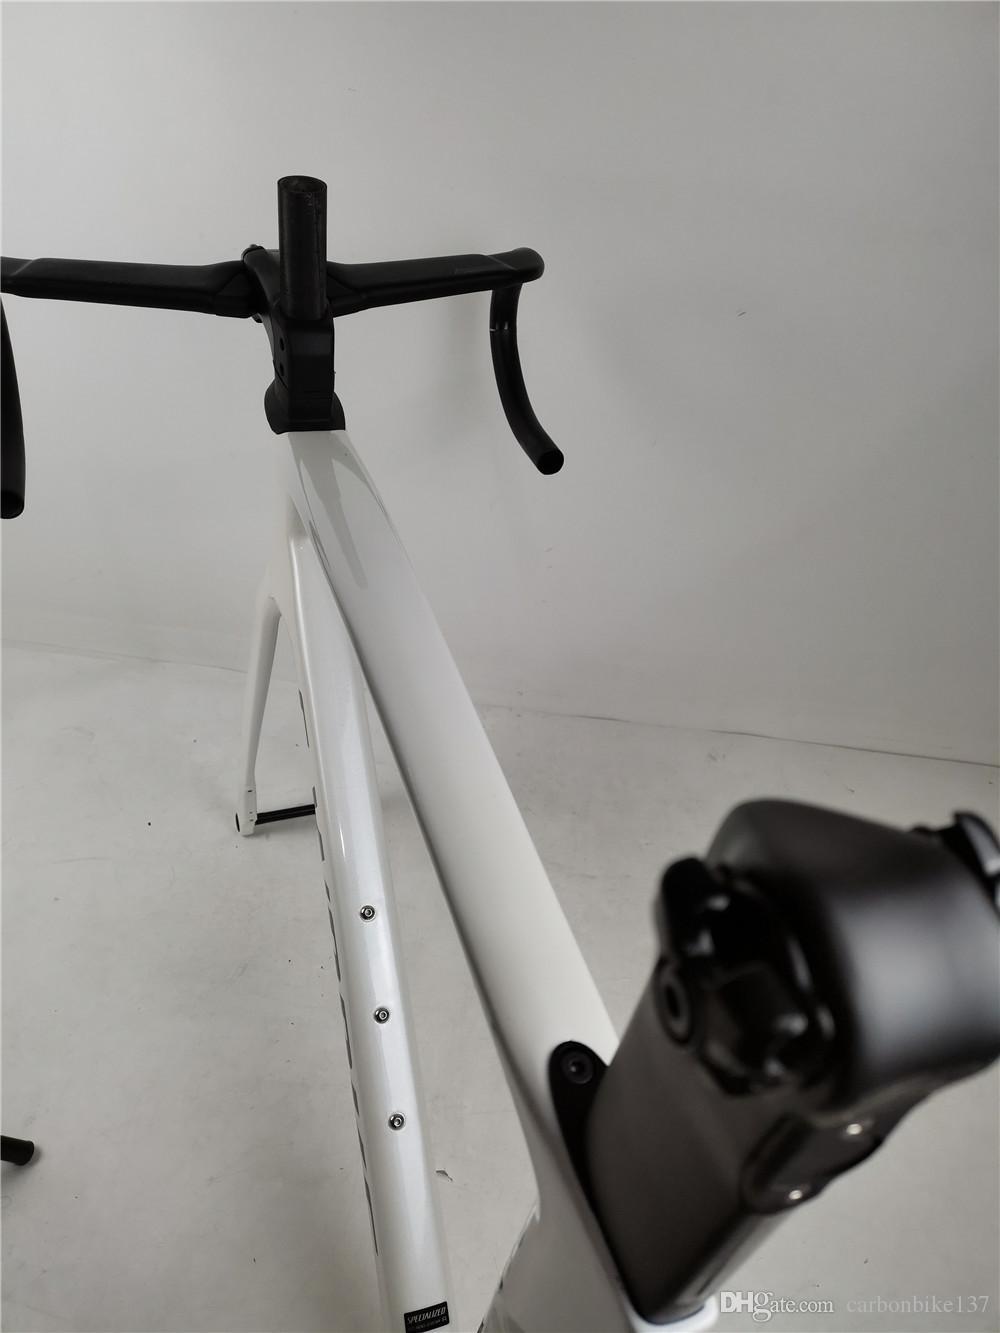 2020 New Coating road bike carbon frame (glossy metallic white silver)700c carbon frameset+(handlebar+stem) size 49-58cm